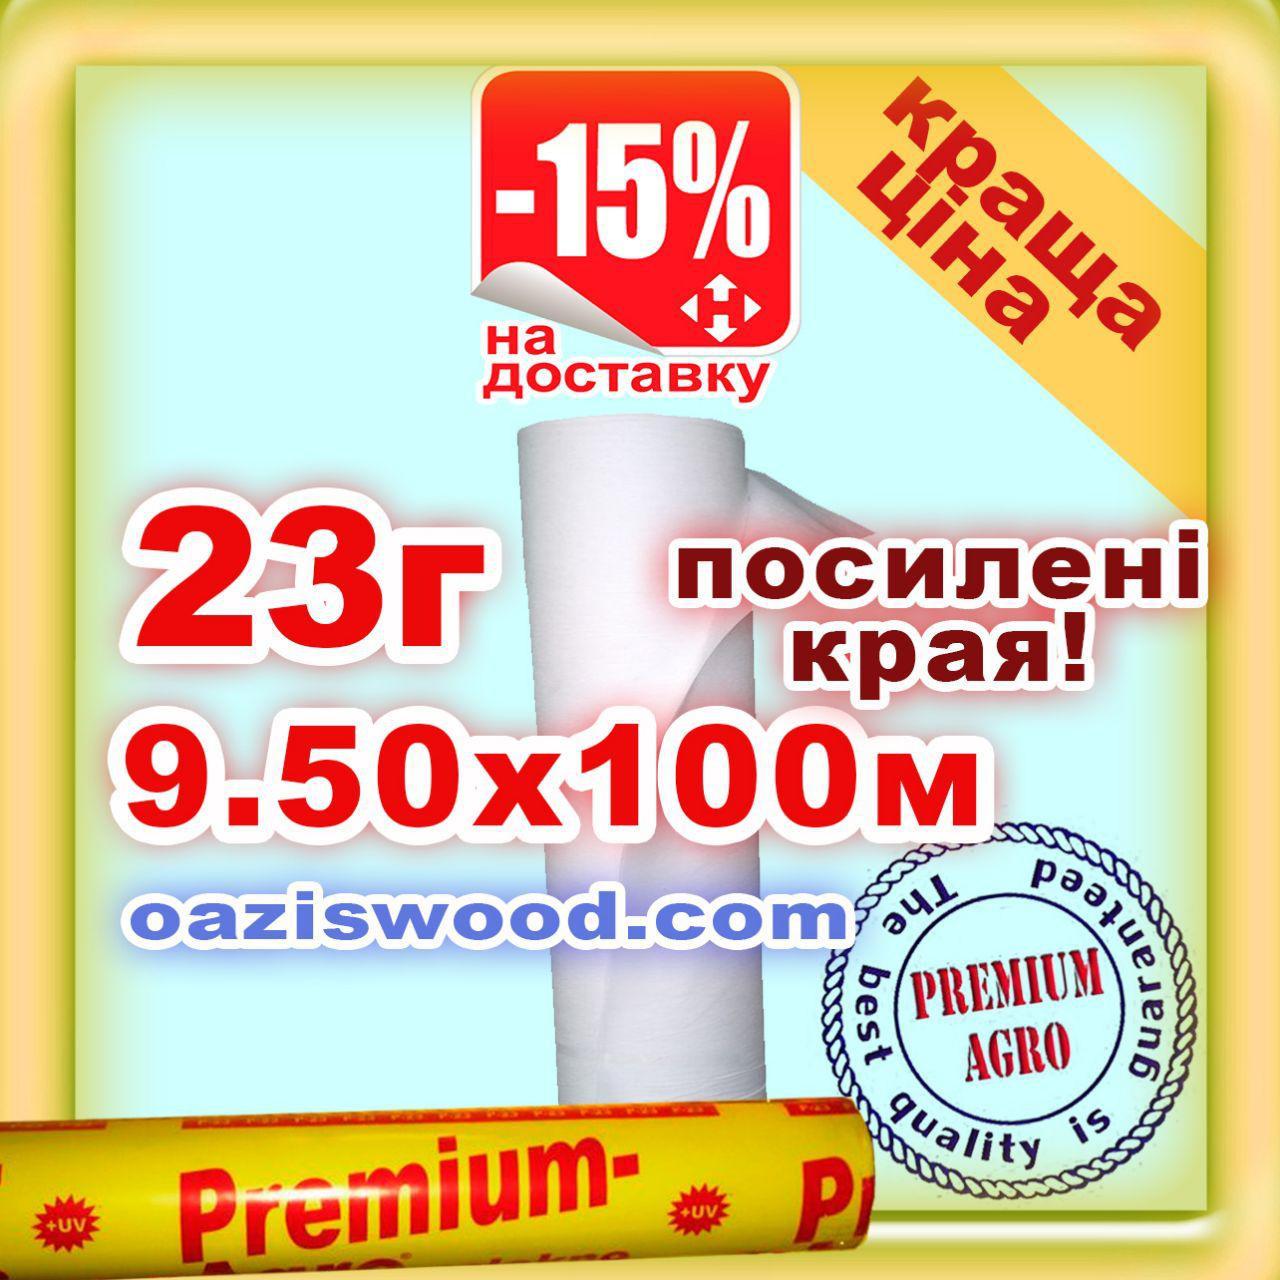 Агроволокно р-23g 9.5*100м белое UV-P 4.5% Premium-Agro Польша усиленные края, фото 1